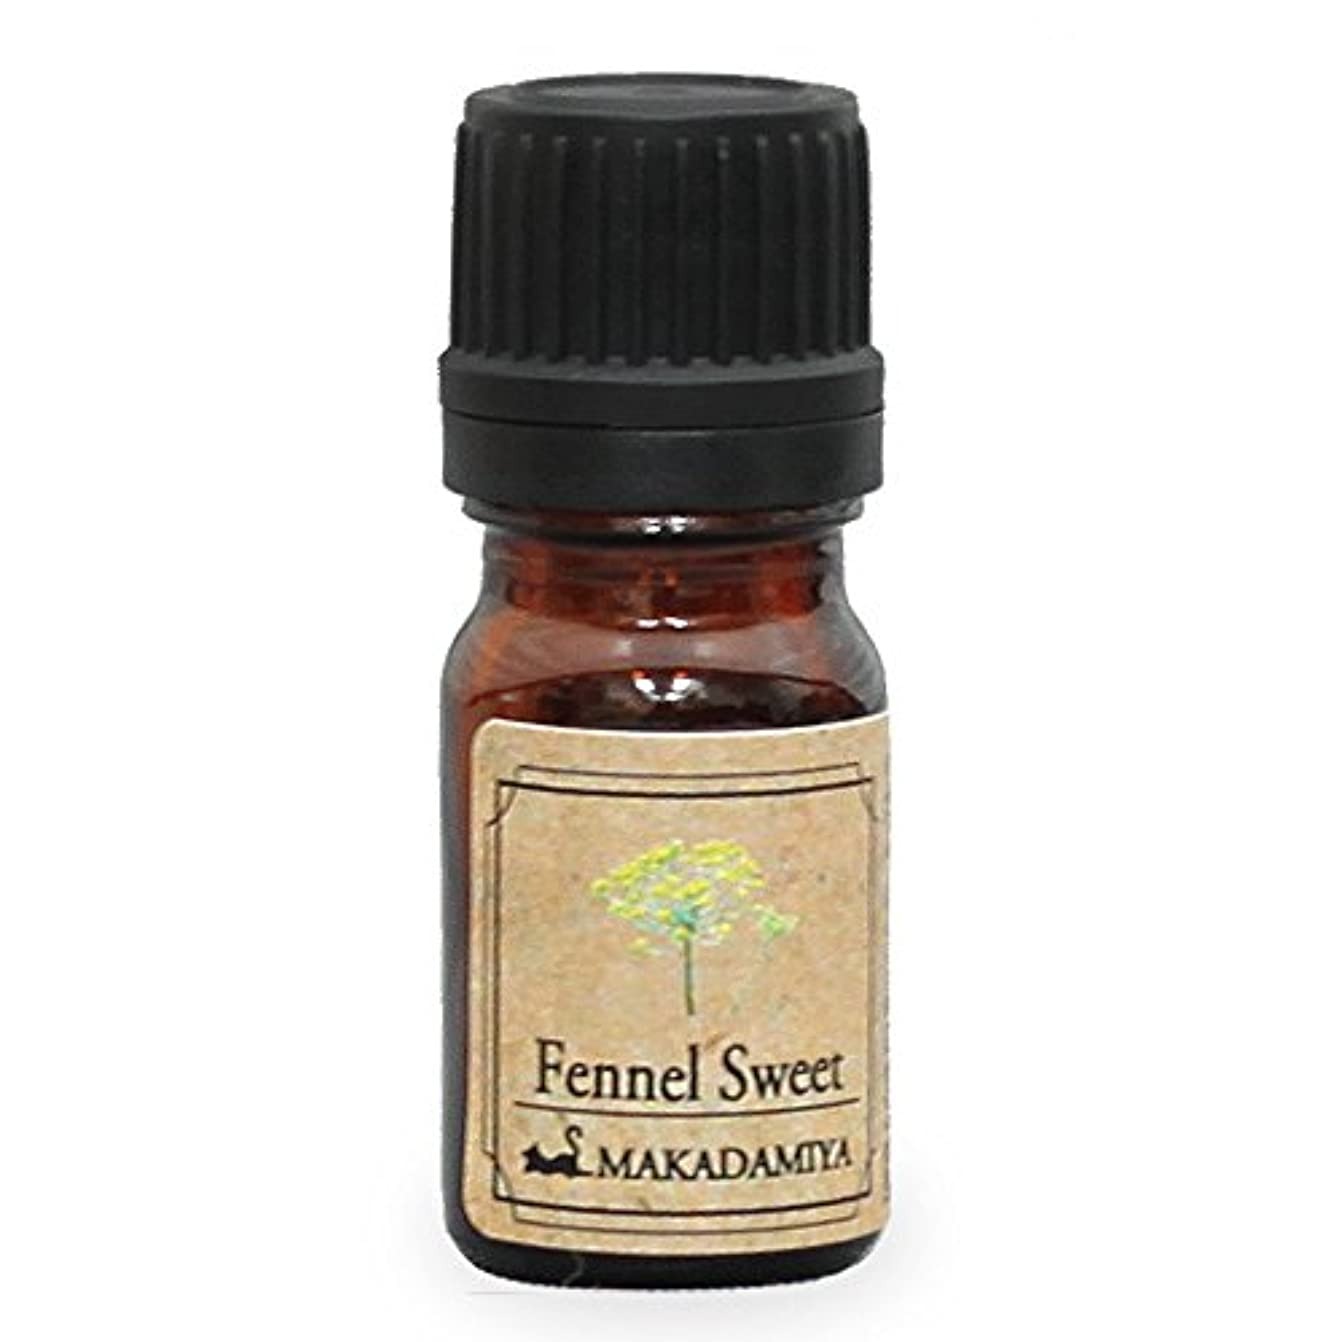 ある全部幽霊フェンネルスウィート5ml天然100%植物性エッセンシャルオイル(精油)アロマオイルアロママッサージアロマテラピーaroma Fennel Sweet